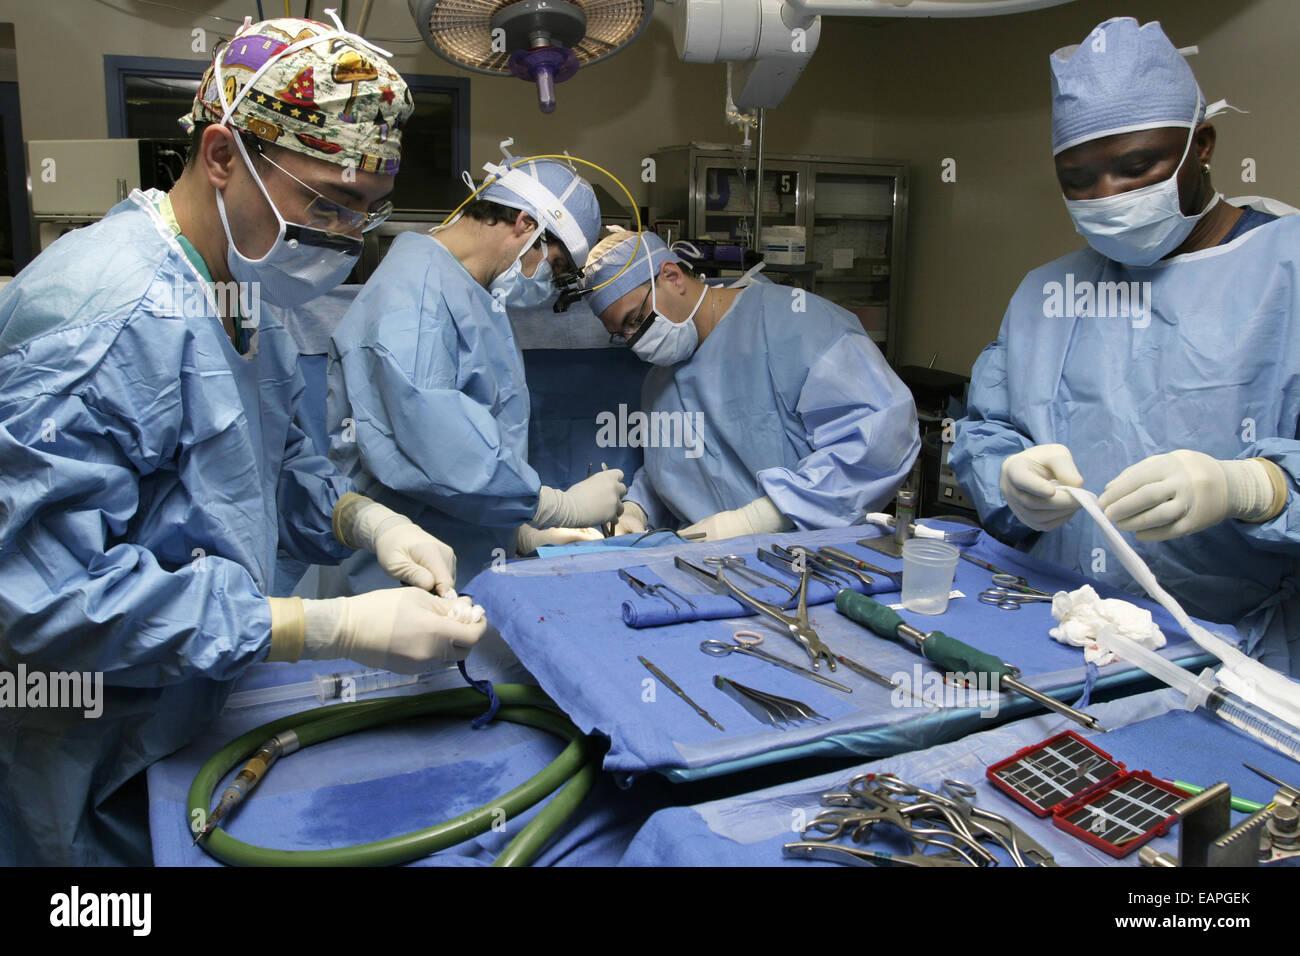 Neurosurgery Usa Stock Photos & Neurosurgery Usa Stock Images - Alamy